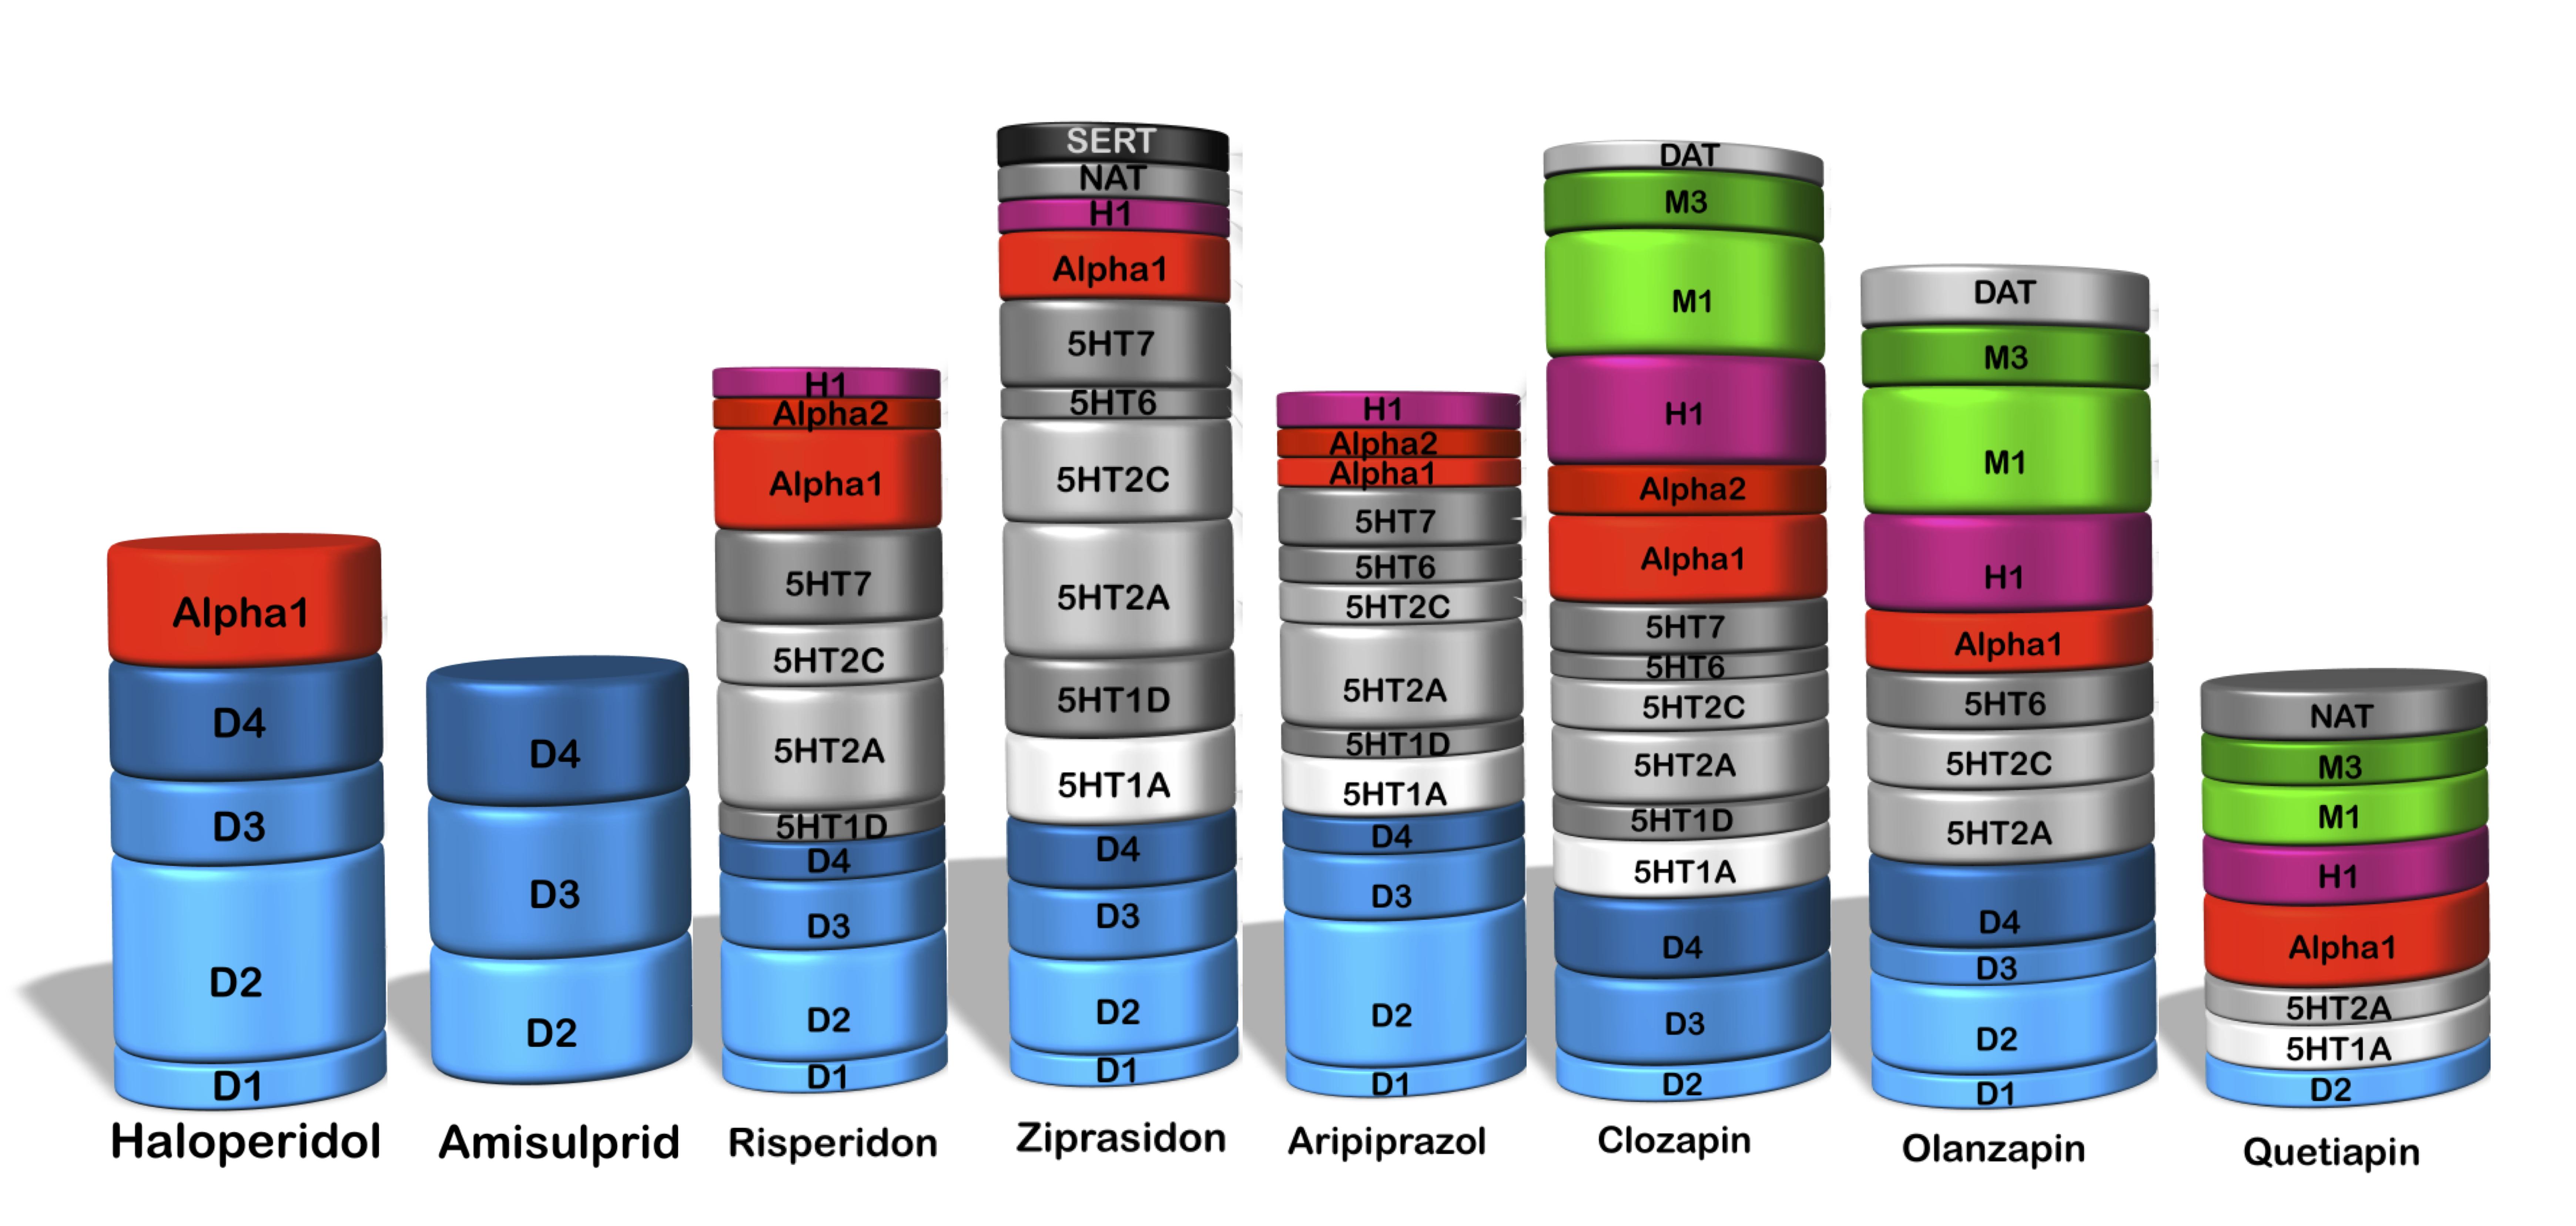 Zusammenstellung Übersicht Neuroleptika Rezeptorprofile.jpg